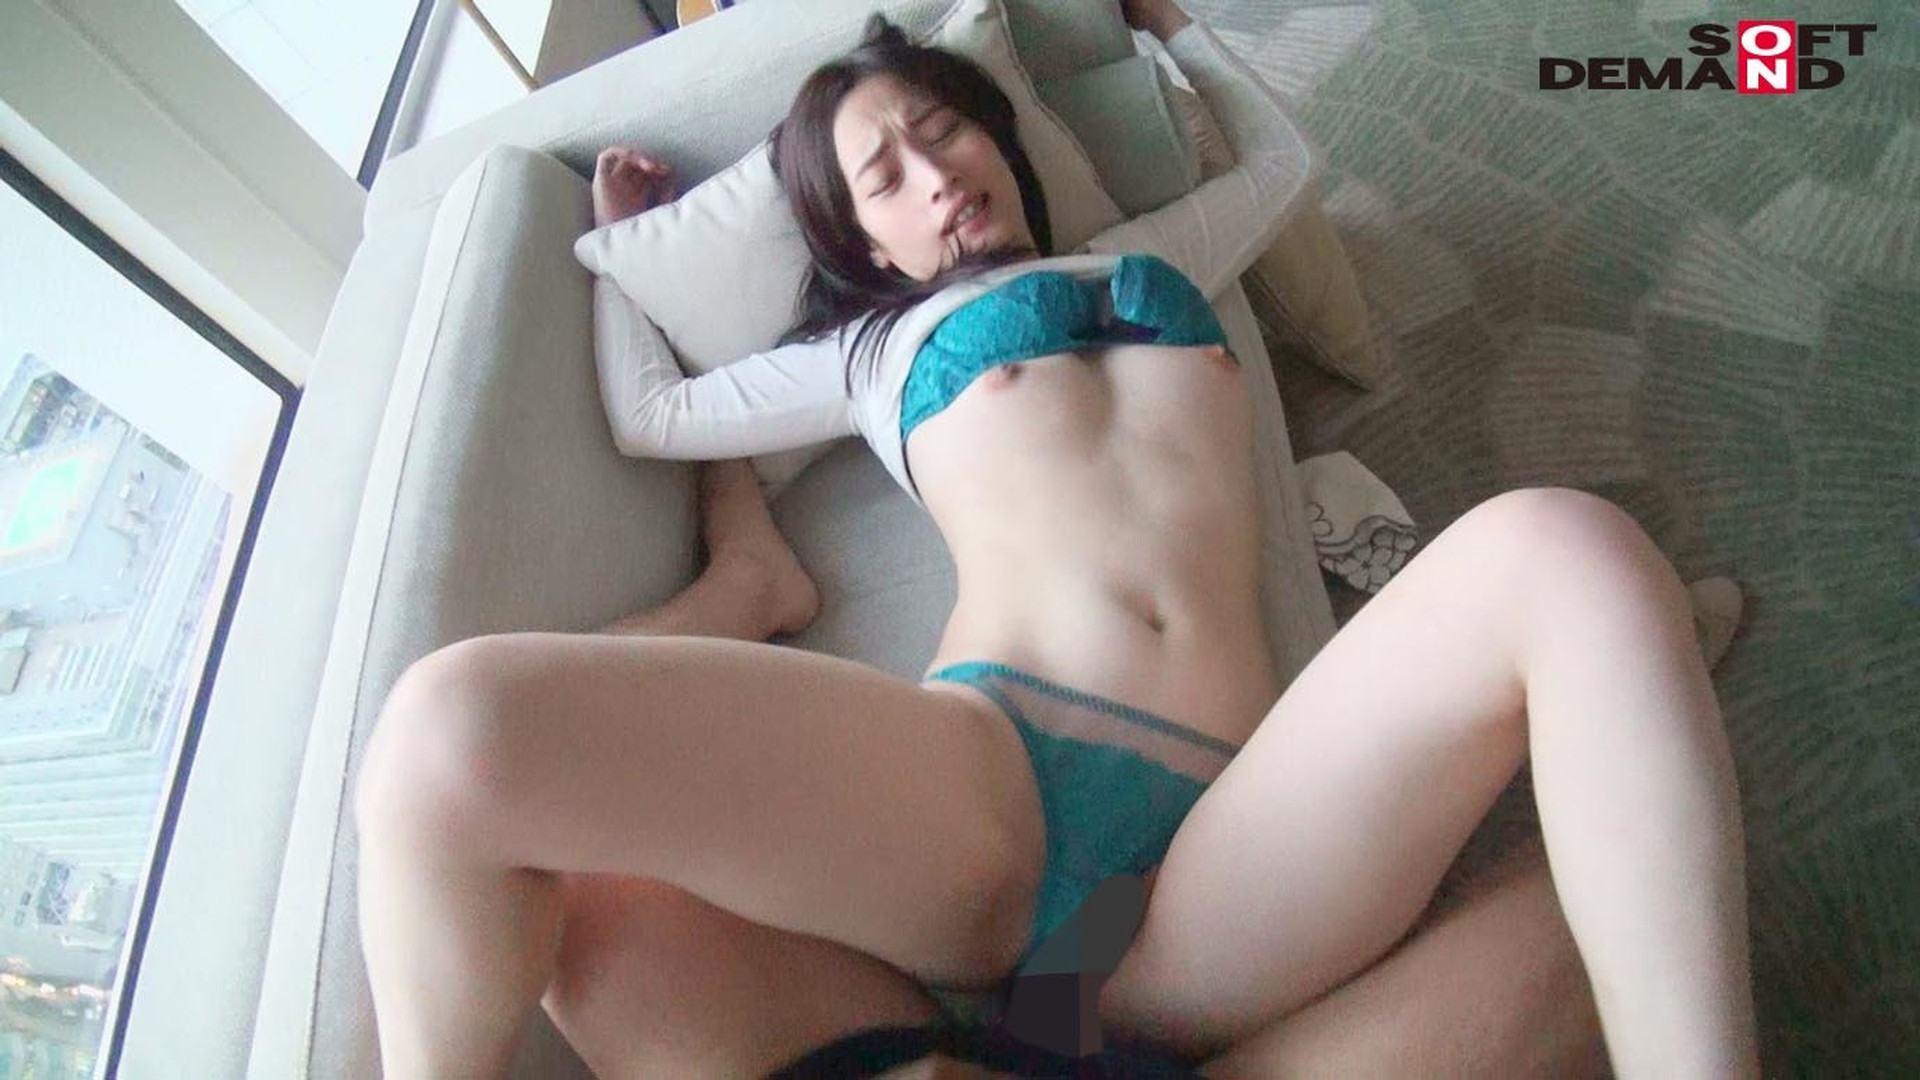 相馬茜さんが絶倫男と正常位でSEXしてイキまくっている画像